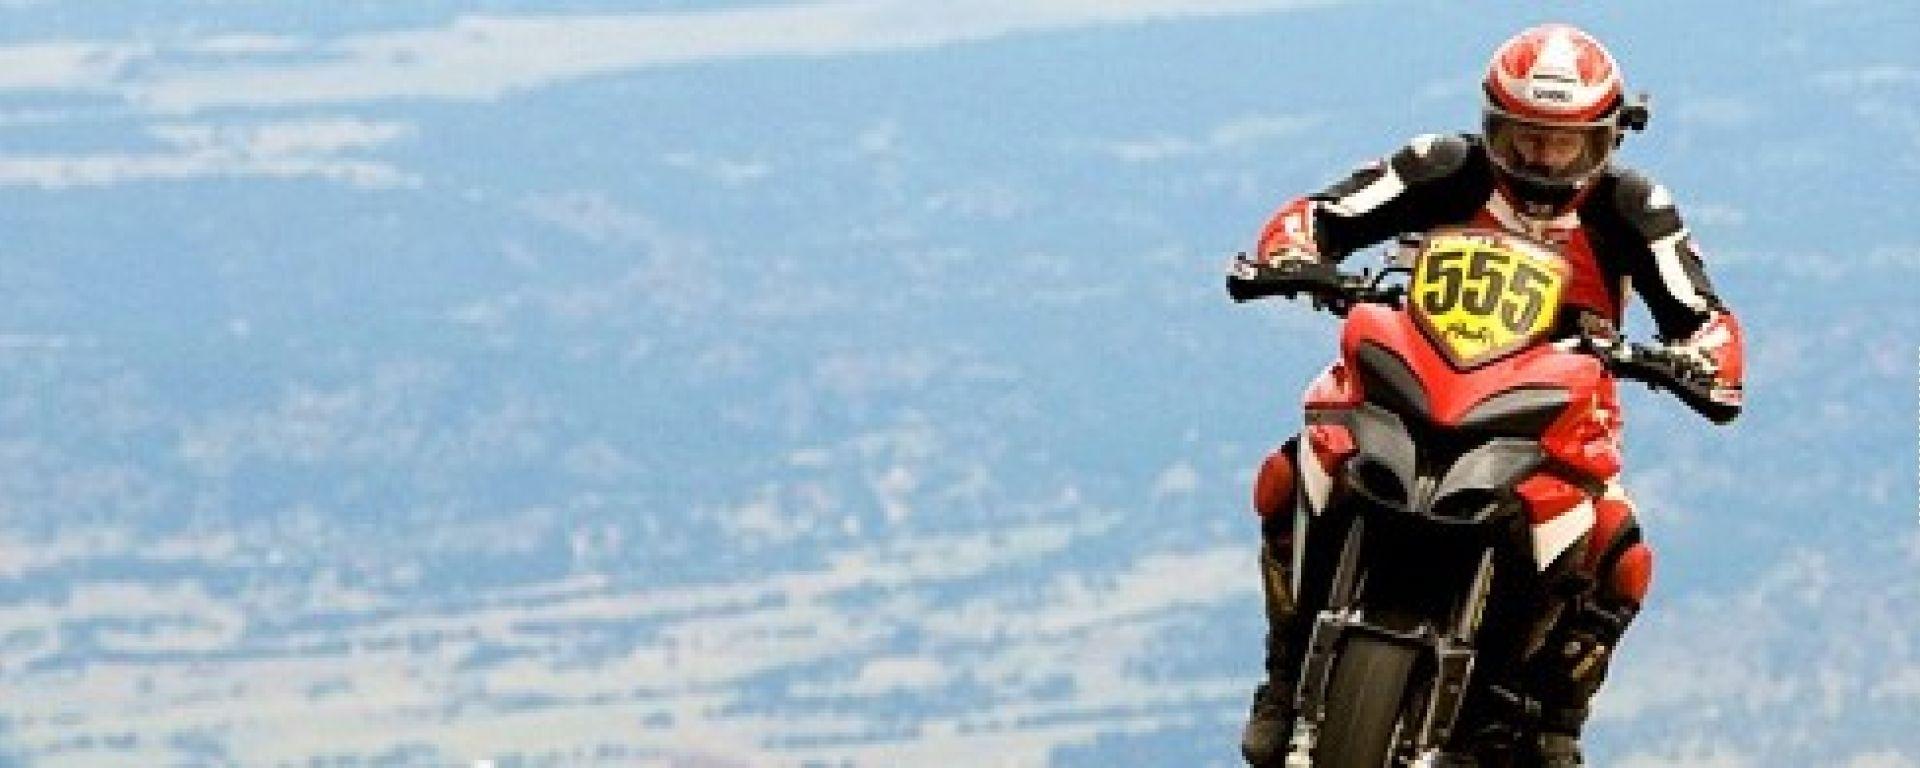 Ducati alla Pikes Peak 2011